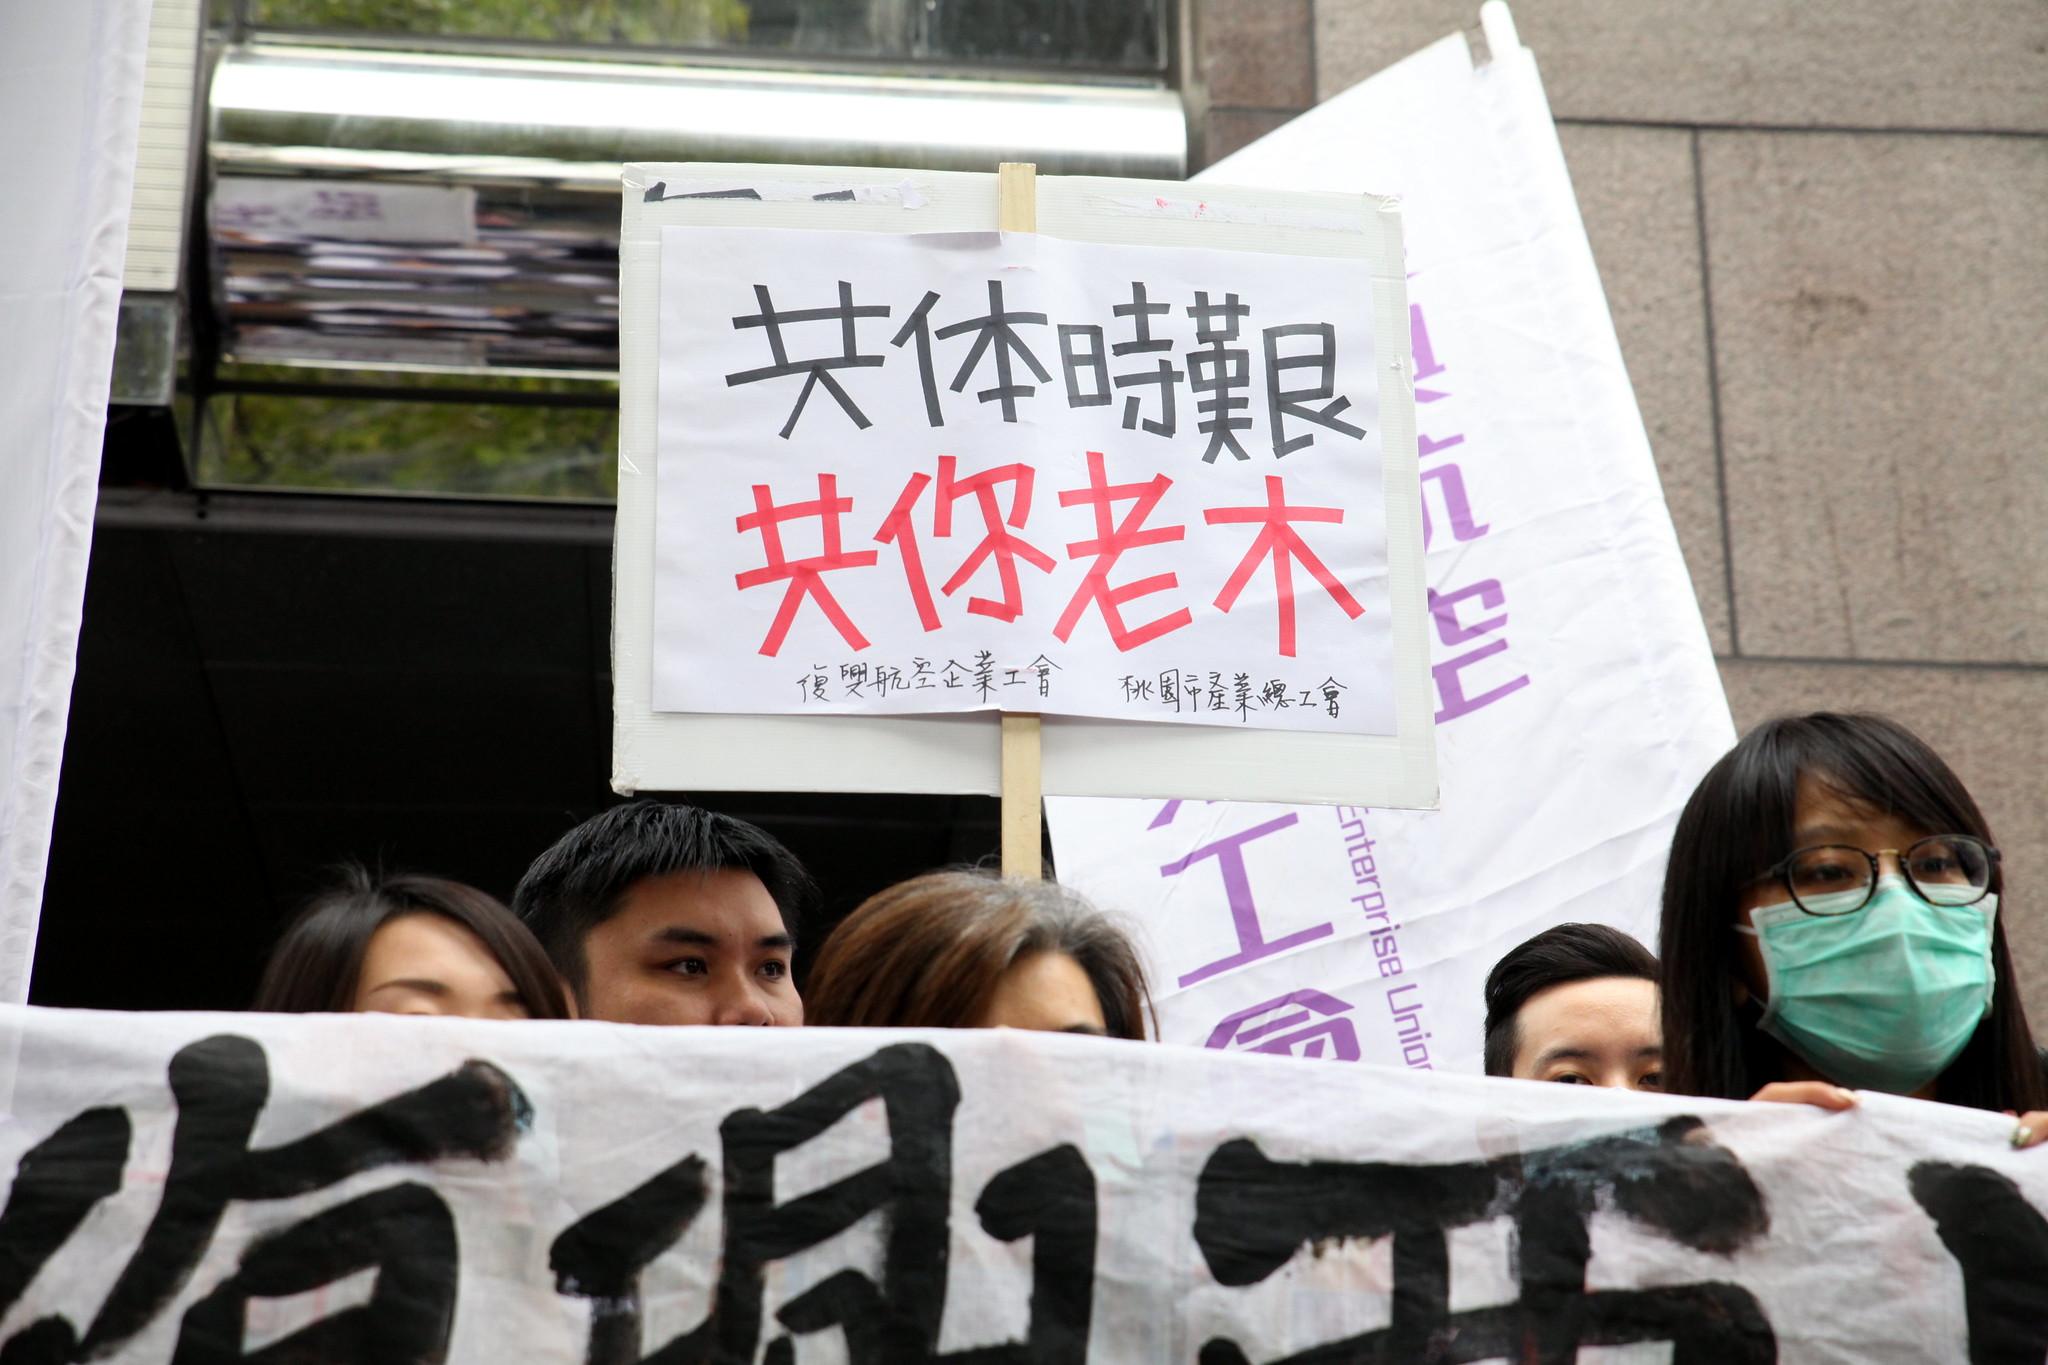 工會標語:「共體時艱,共你老木」。(攝影:陳逸婷)